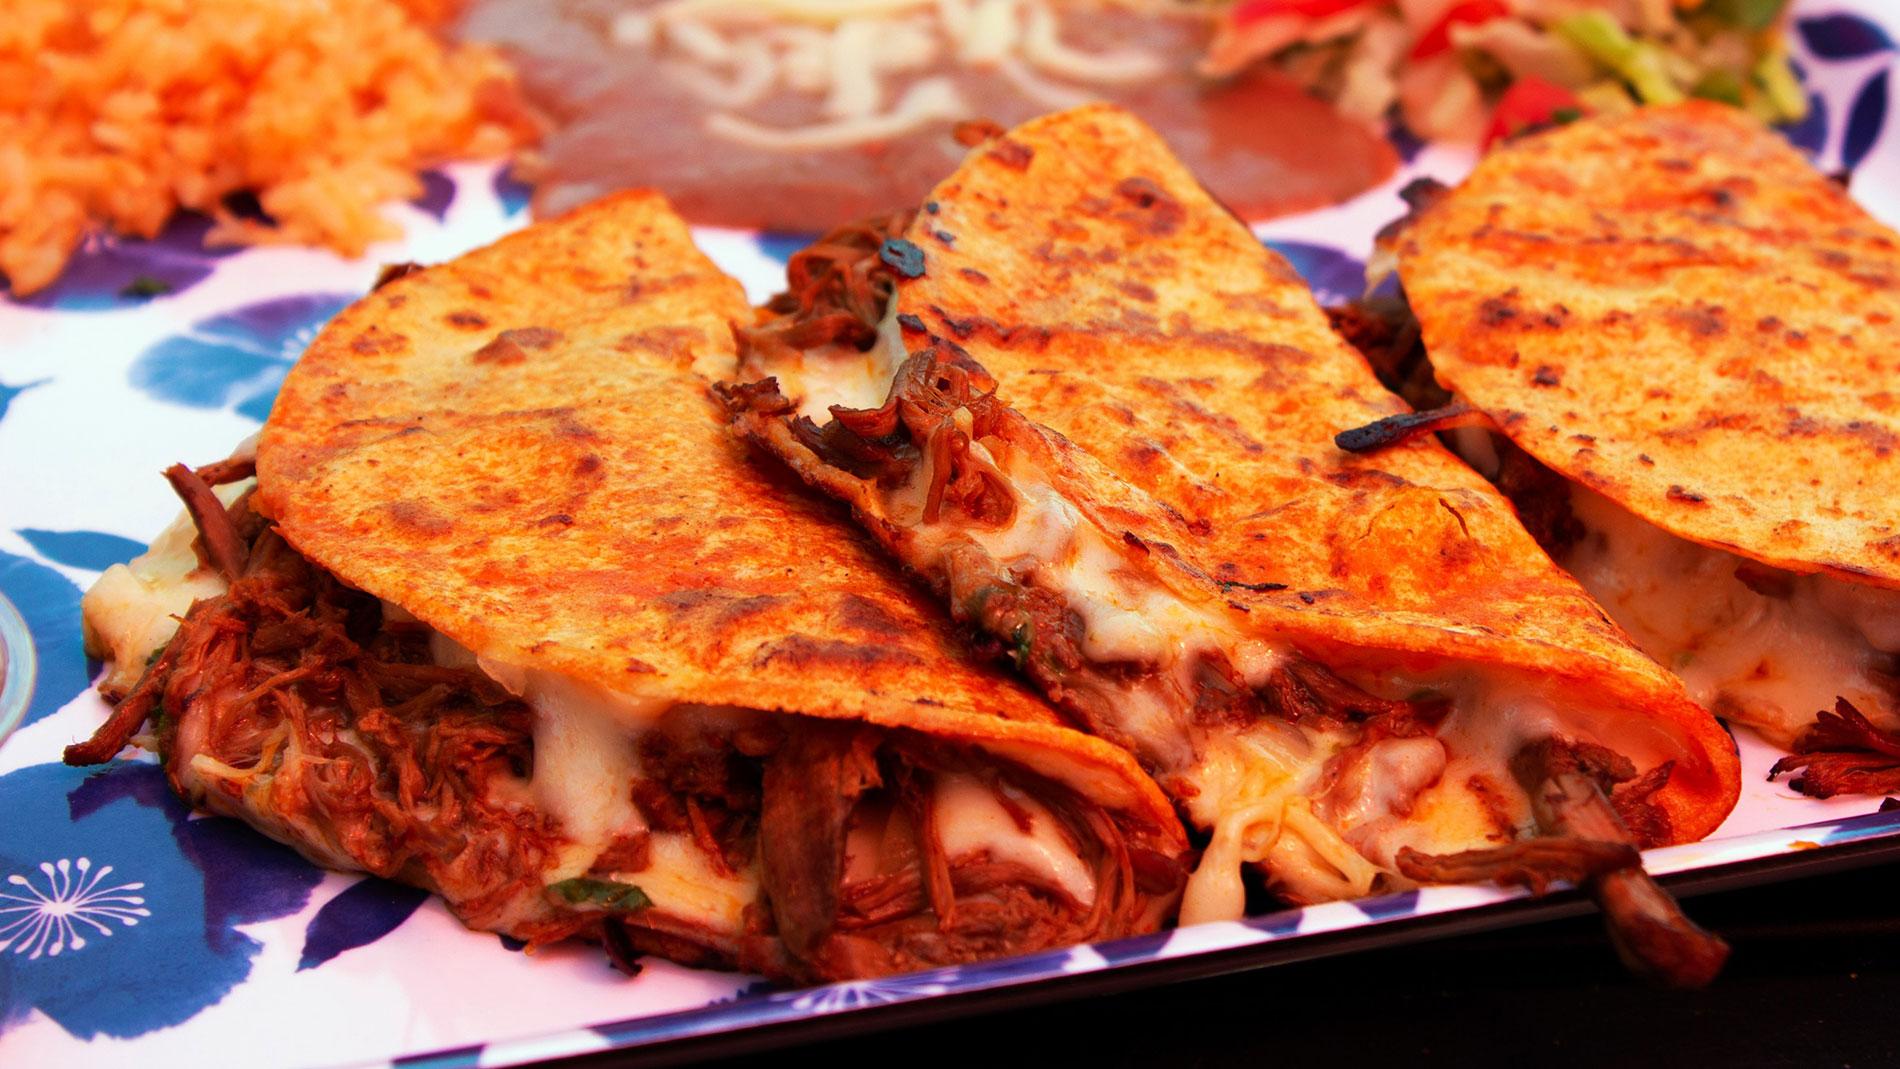 birria tacos from casa de tres reyes in des peres